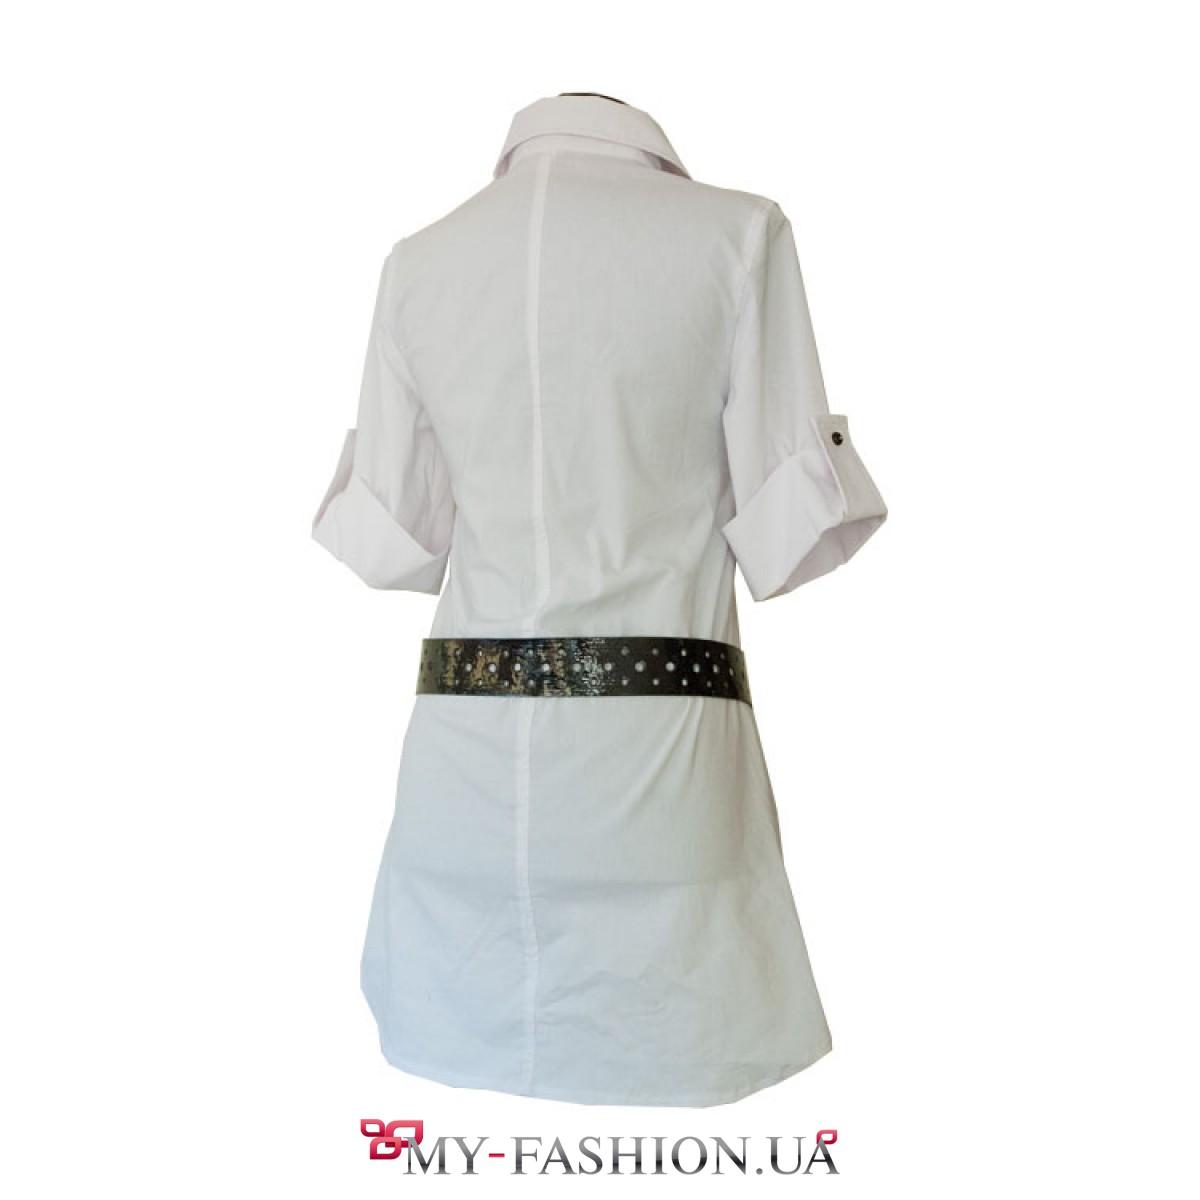 Рубашка туника женская доставка